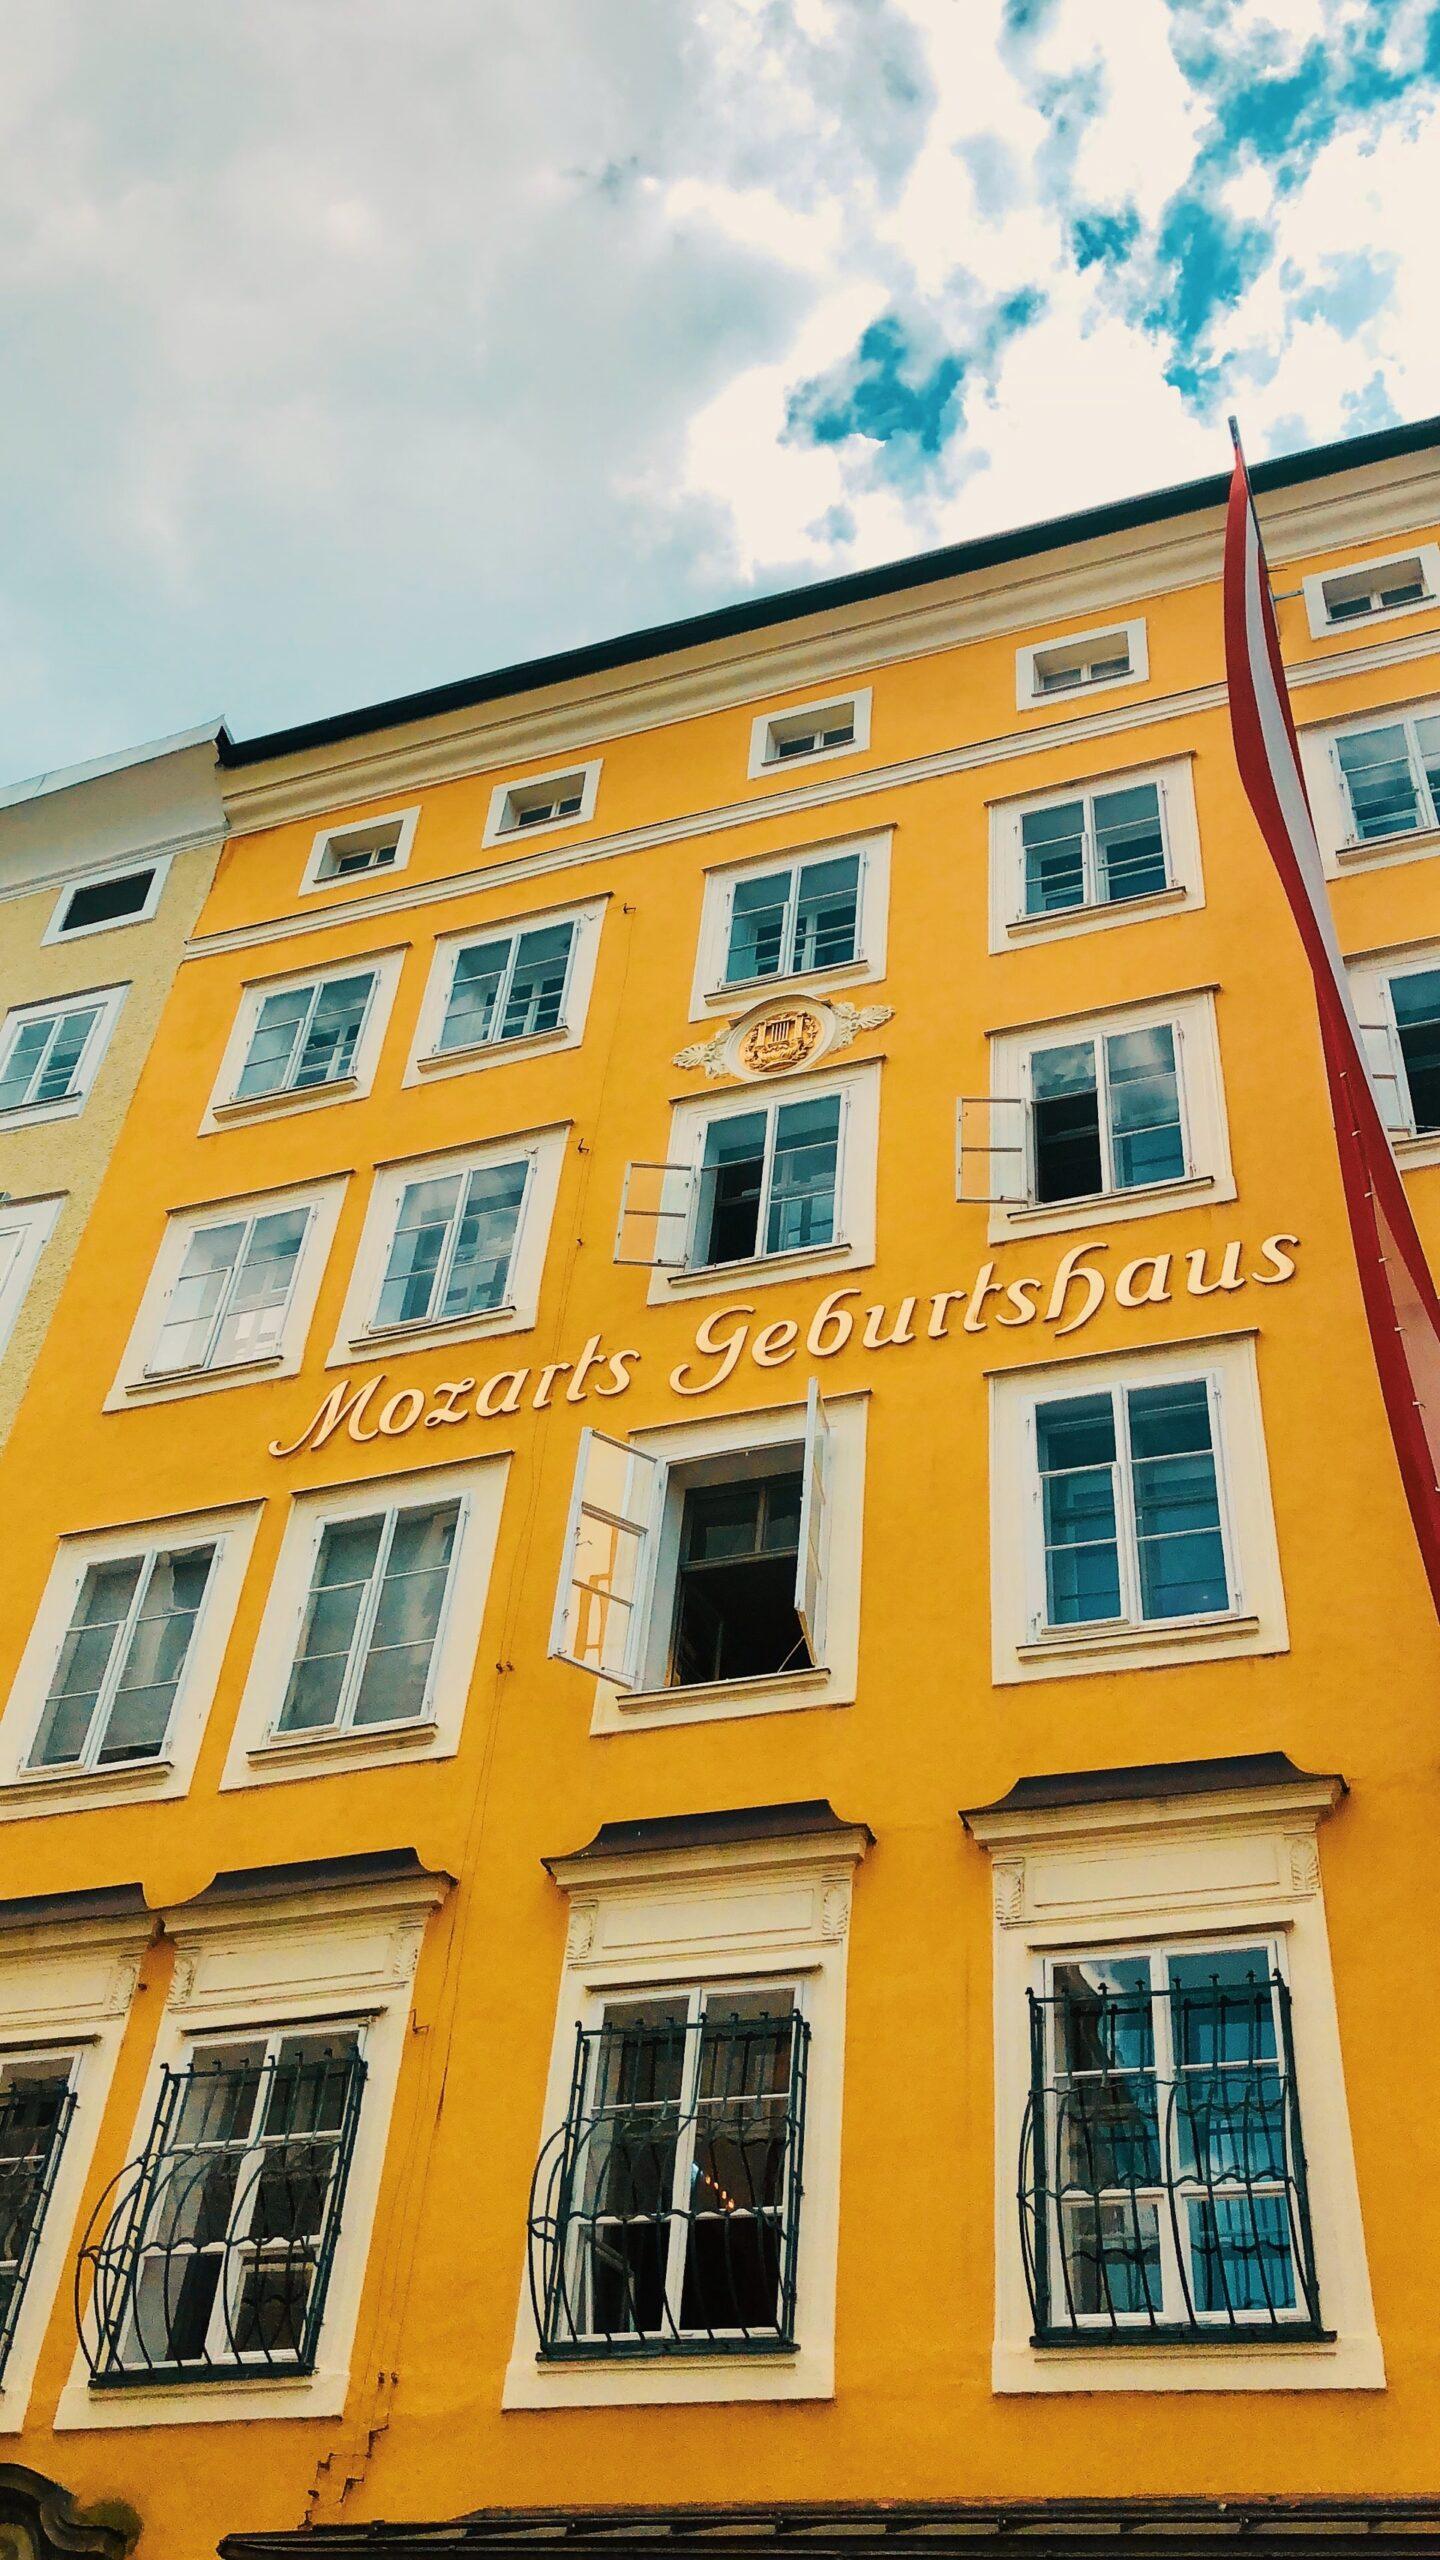 Birthplace of Mozart (photo: Reiseuhu, Unsplash)